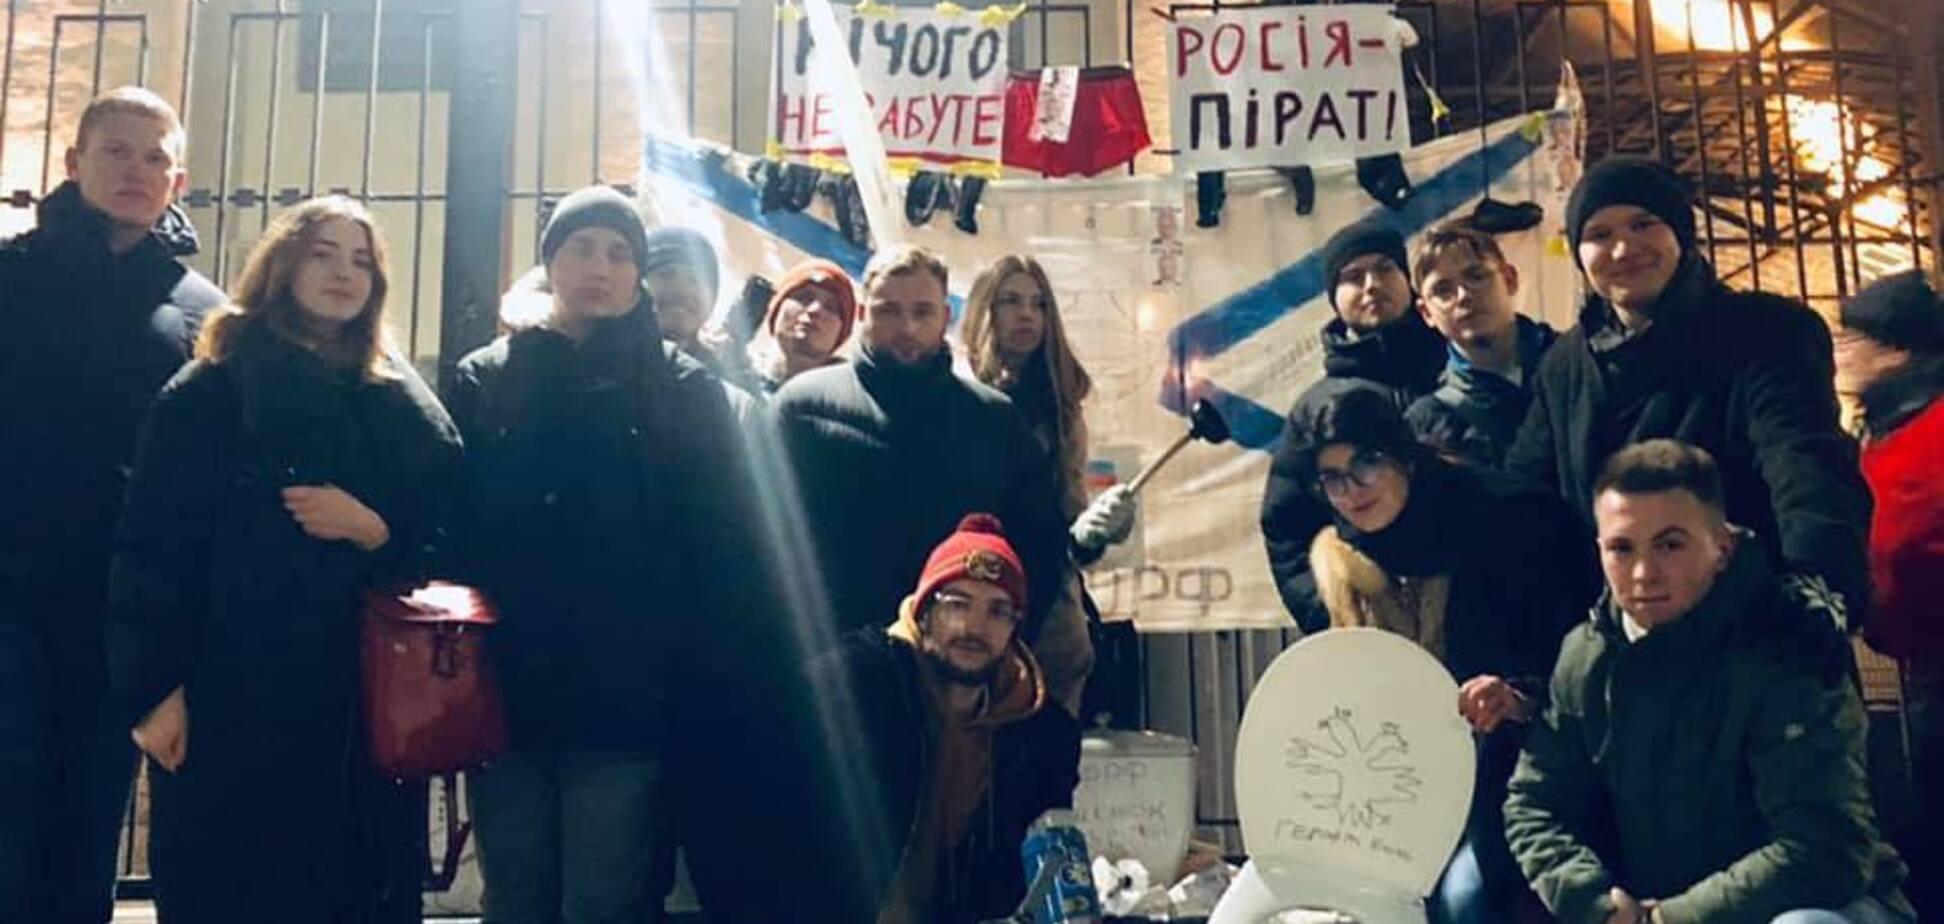 Принесли унитазы с бумагой: украинцы ярко отреагировали на жлобство России. Фото и видео